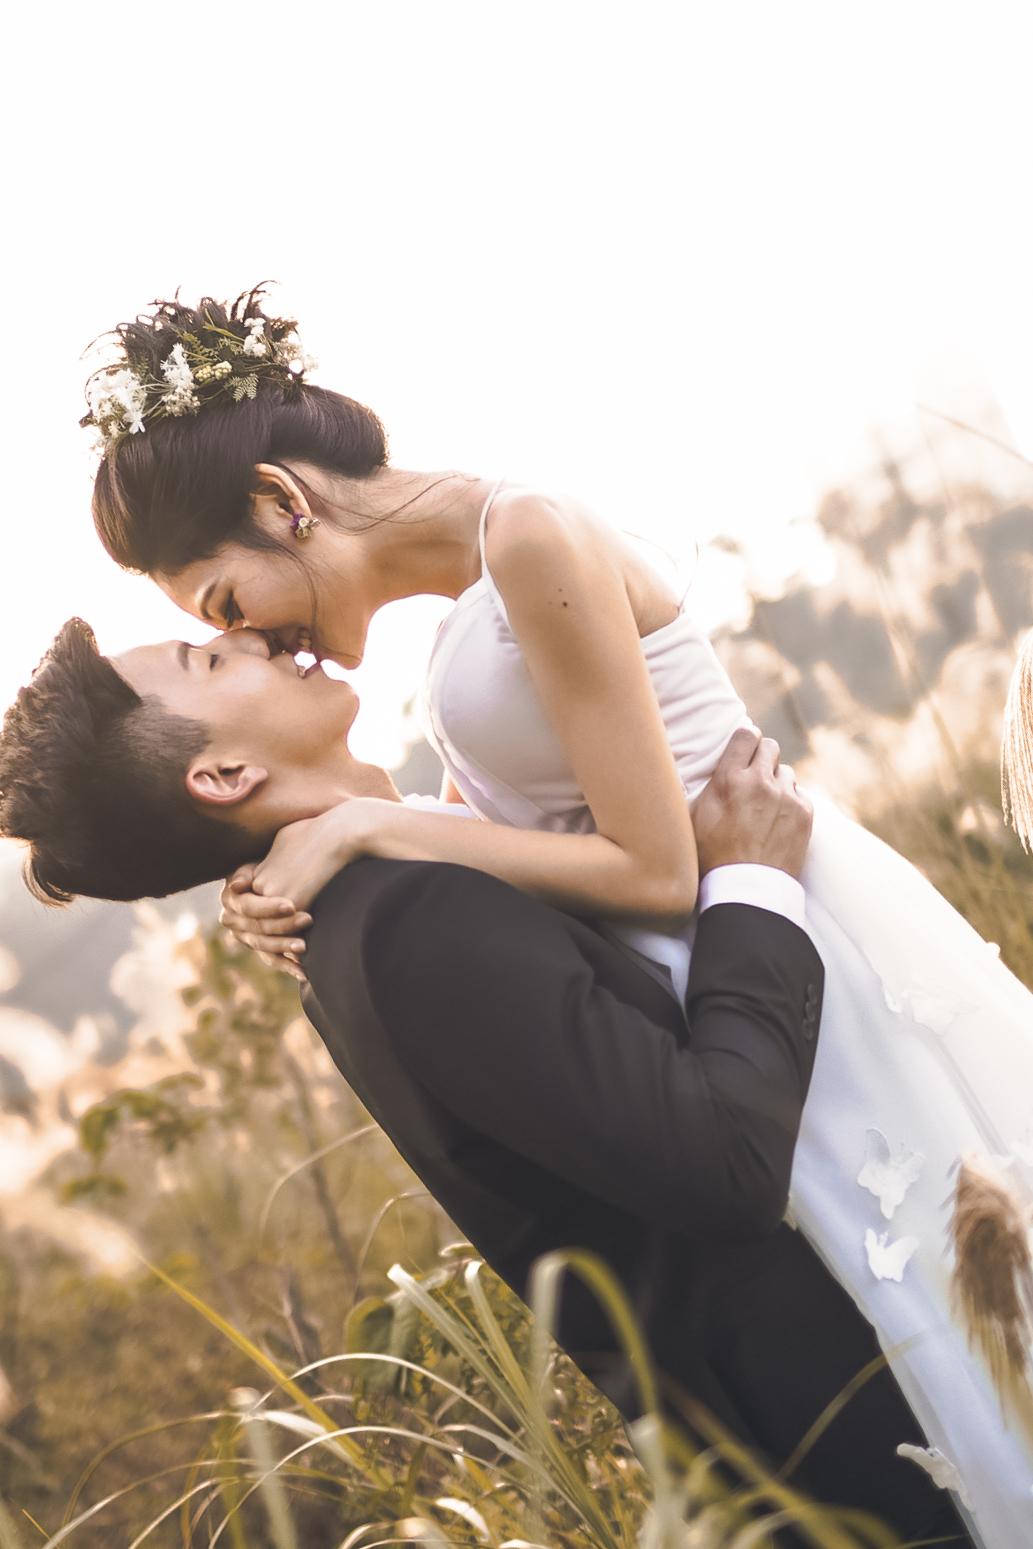 婚紗攝影工作室,自主婚紗,自助婚紗,海外婚禮,,,, - Circle Studio 作品瀏覽